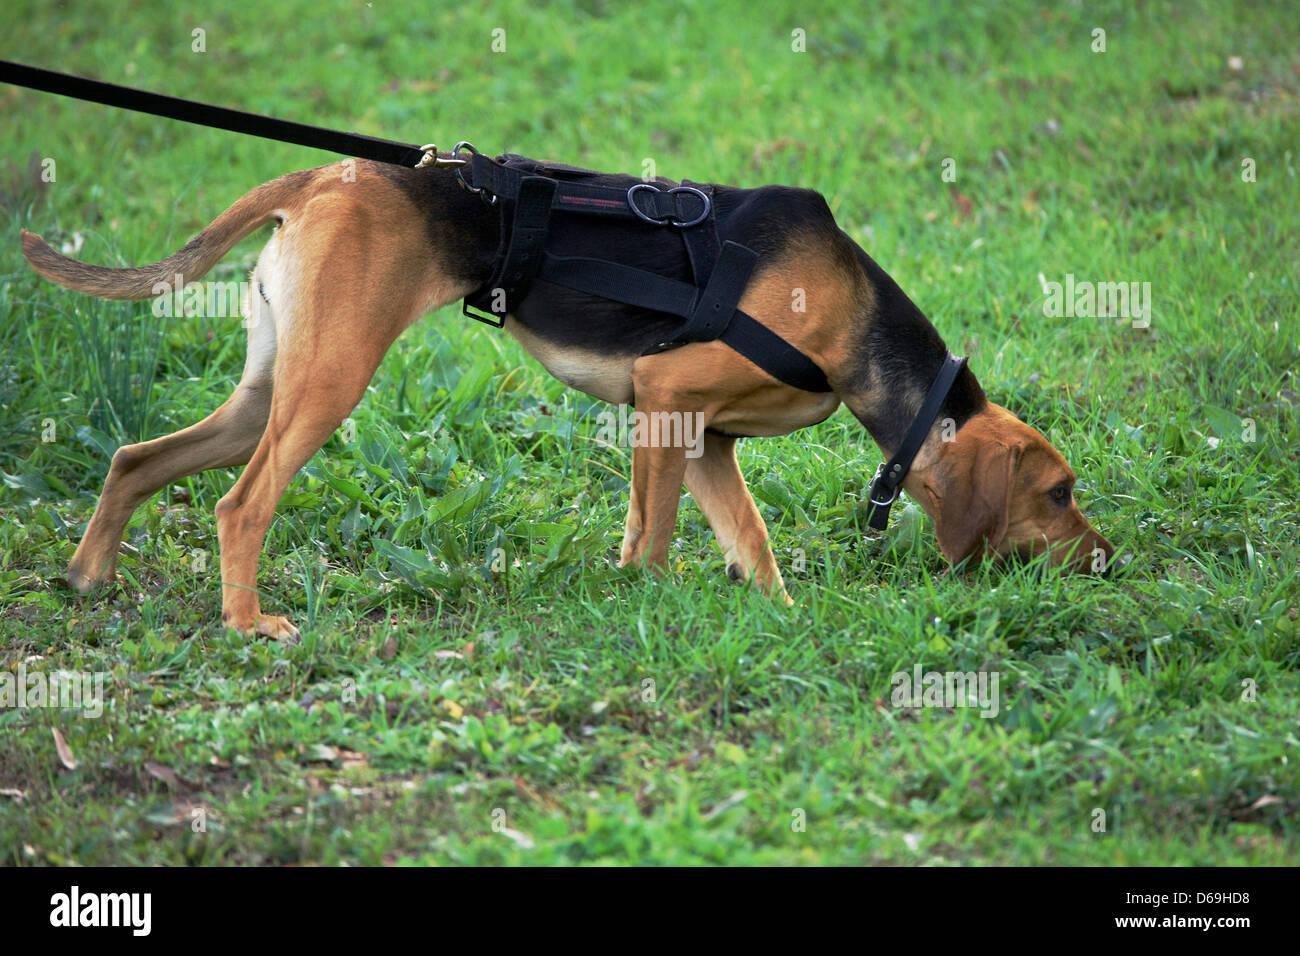 Polizei K9 Hund, Bluthund, Tracking. Stockbild